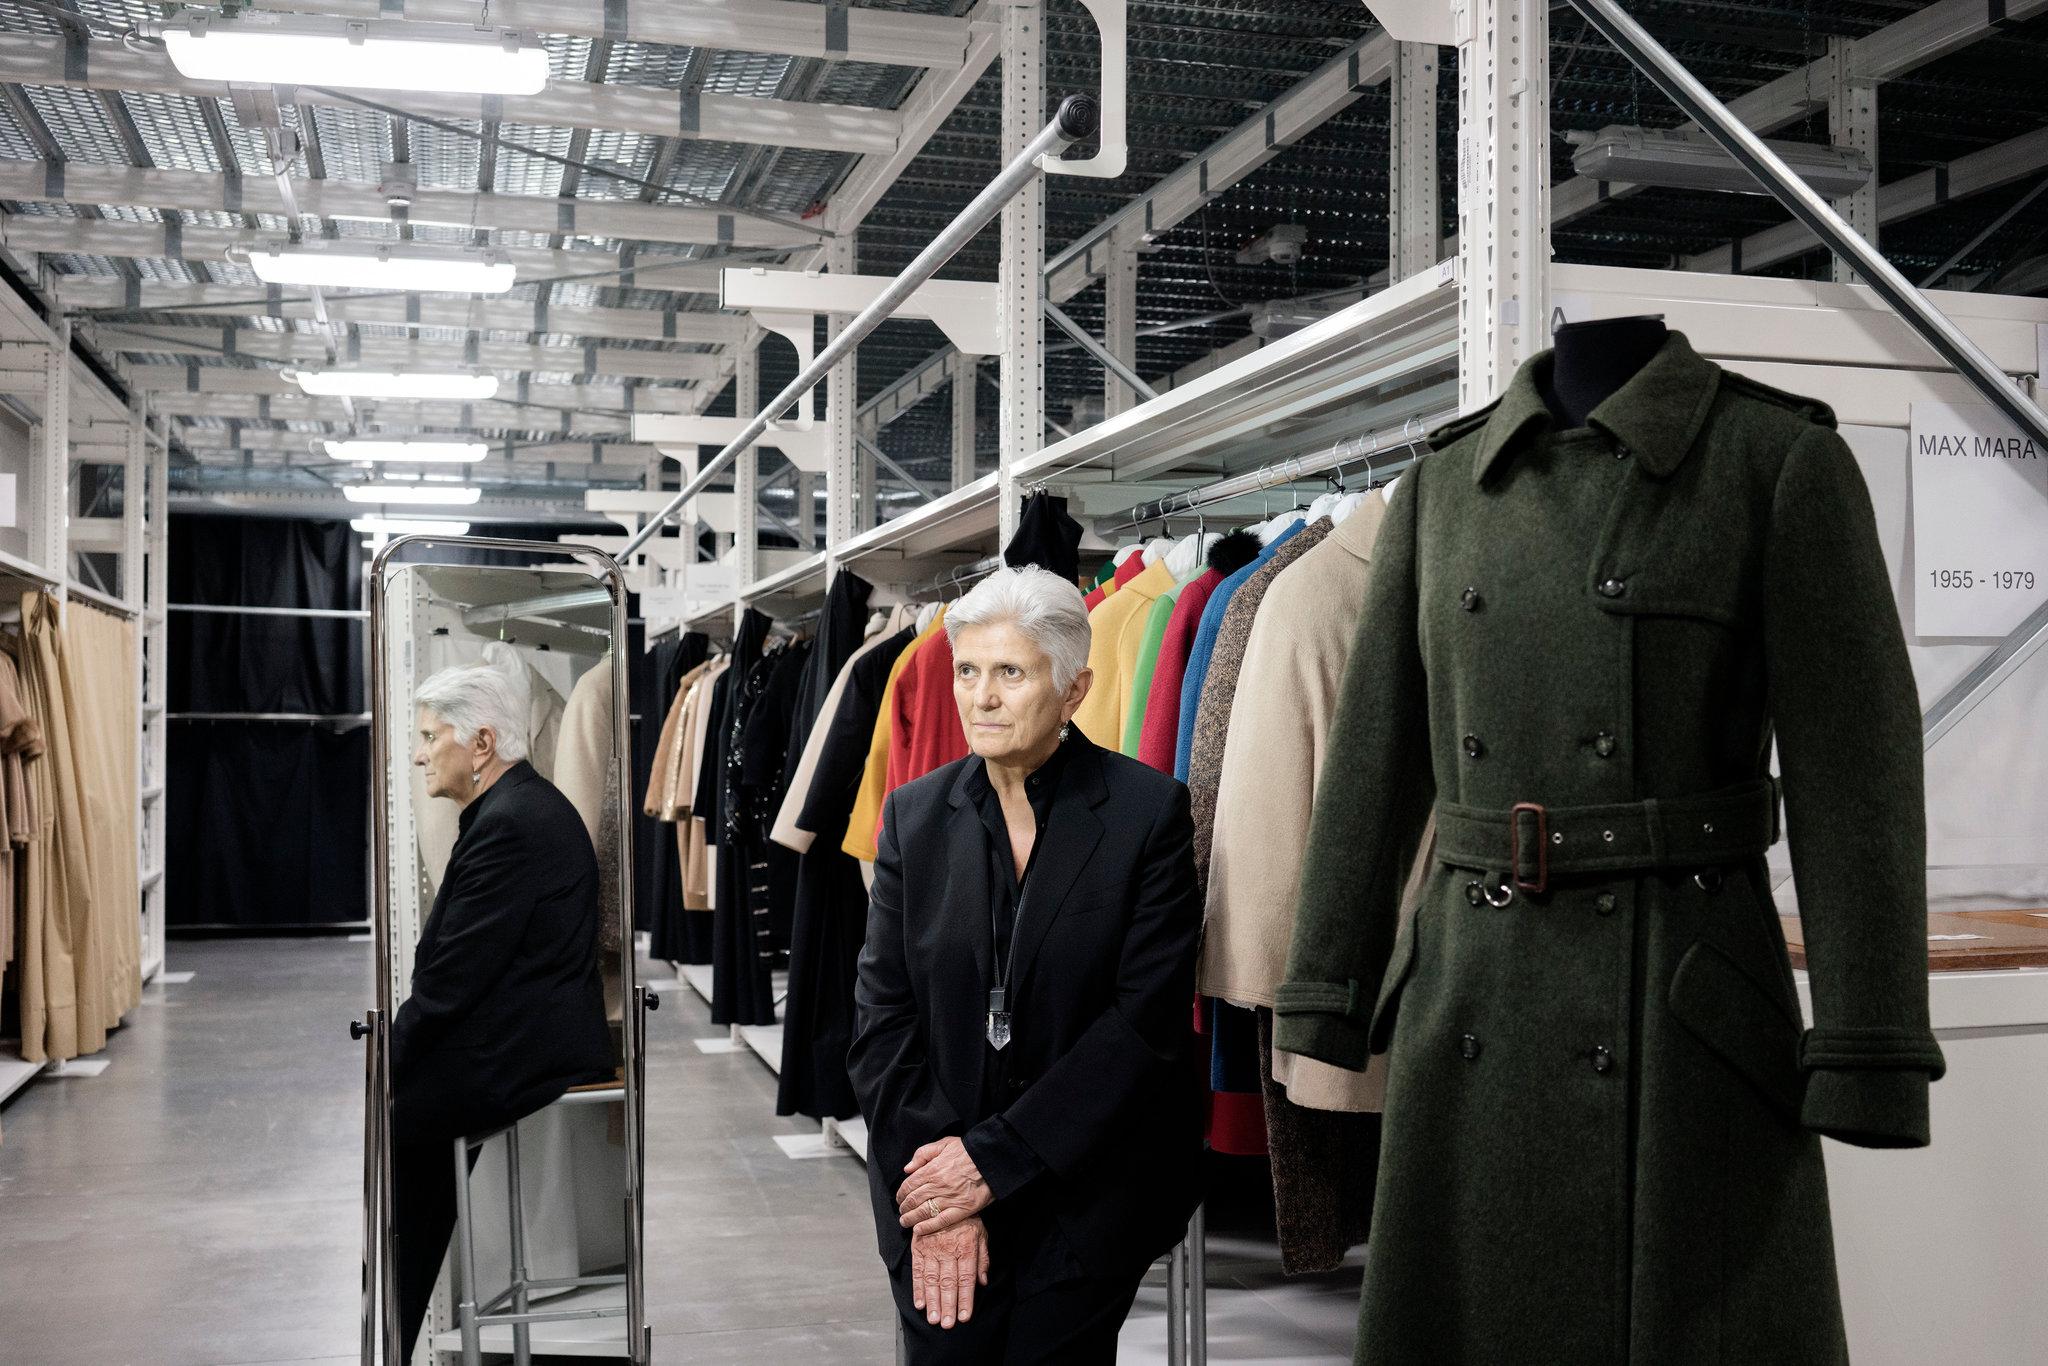 image from NY times   https://www.nytimes.com/2018/09/19/style/maxmara-archive-reggio-emilia-italy.html